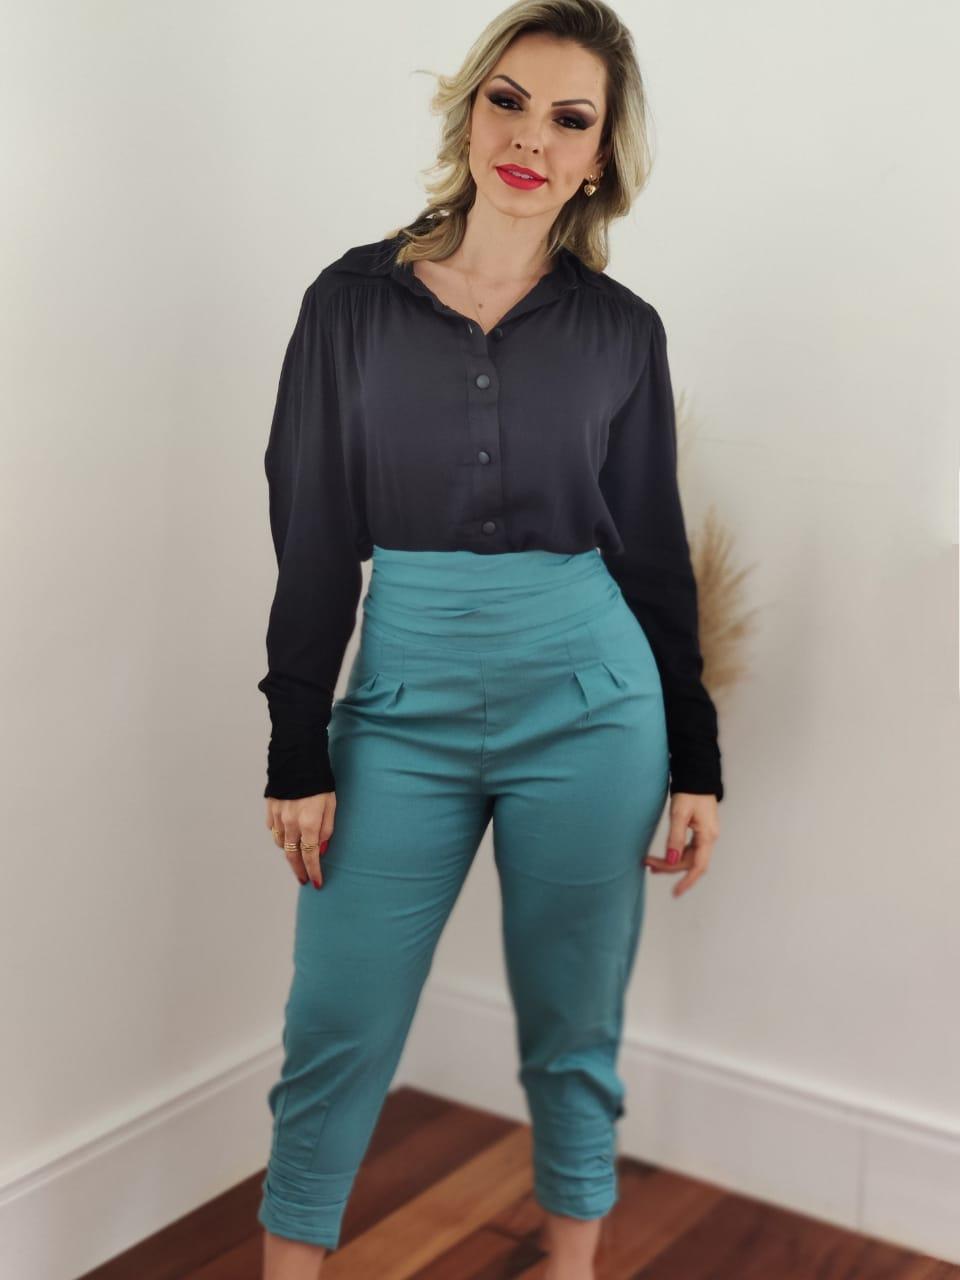 Look: 1 Camisa Manga Longa Viscose Botões Punho Preta + 1 Calça Skinny em Linho Botões Barra Azul